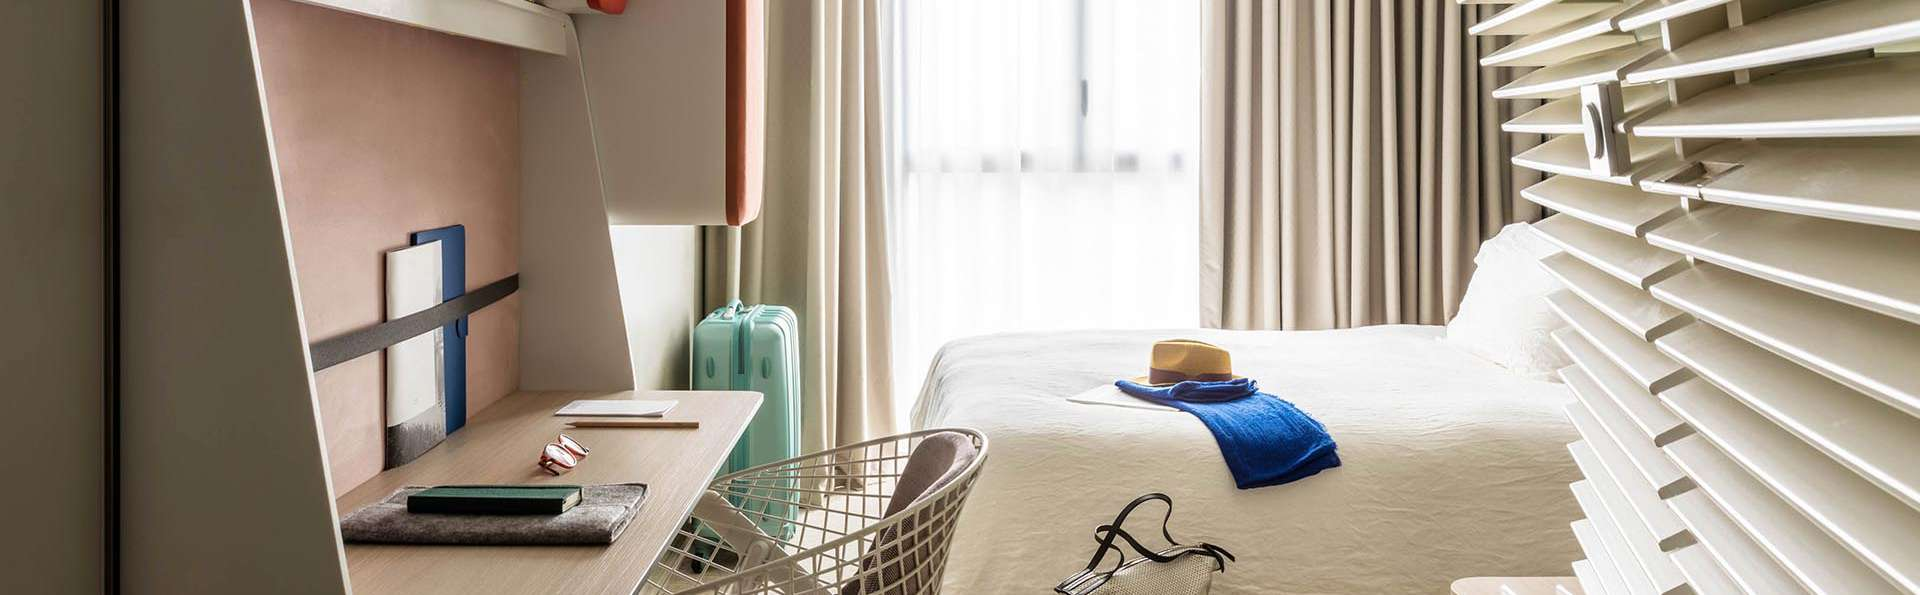 Hôtel chic avec sauna pour un séjour agréable aux portes de Paris (à partir de 2 nuits)